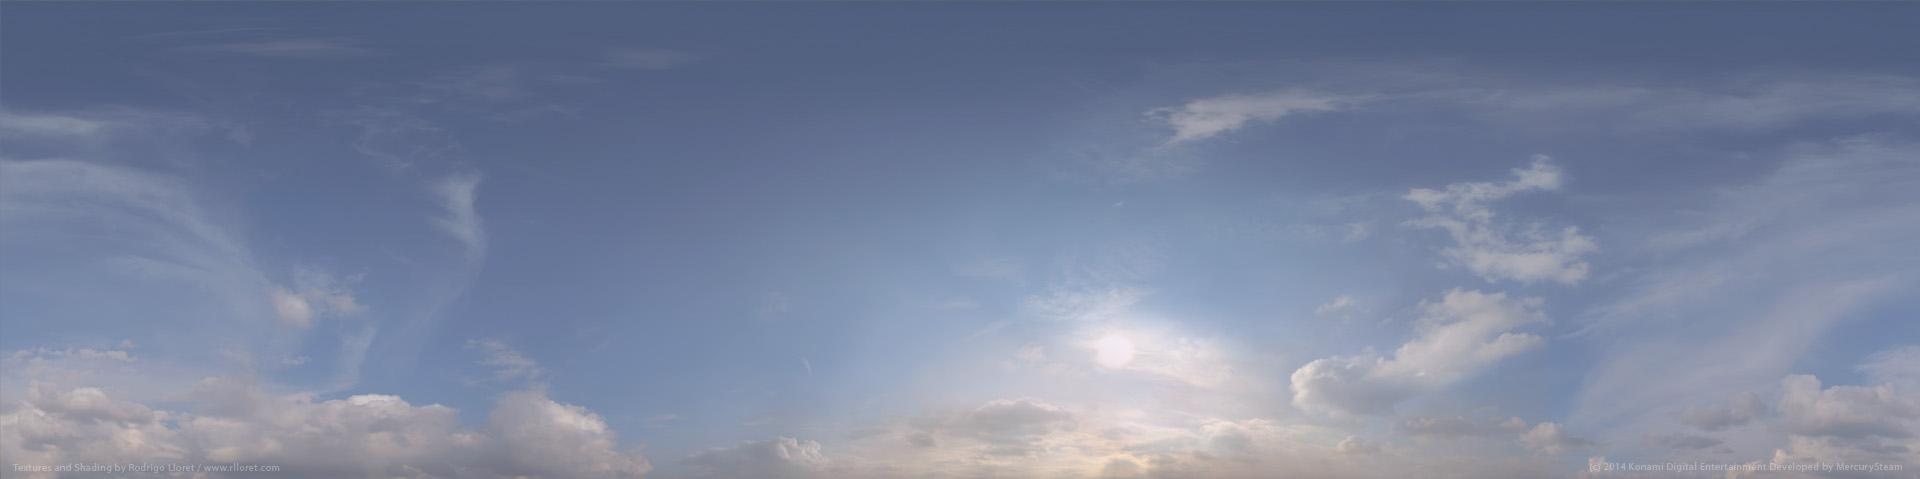 skies4.jpg